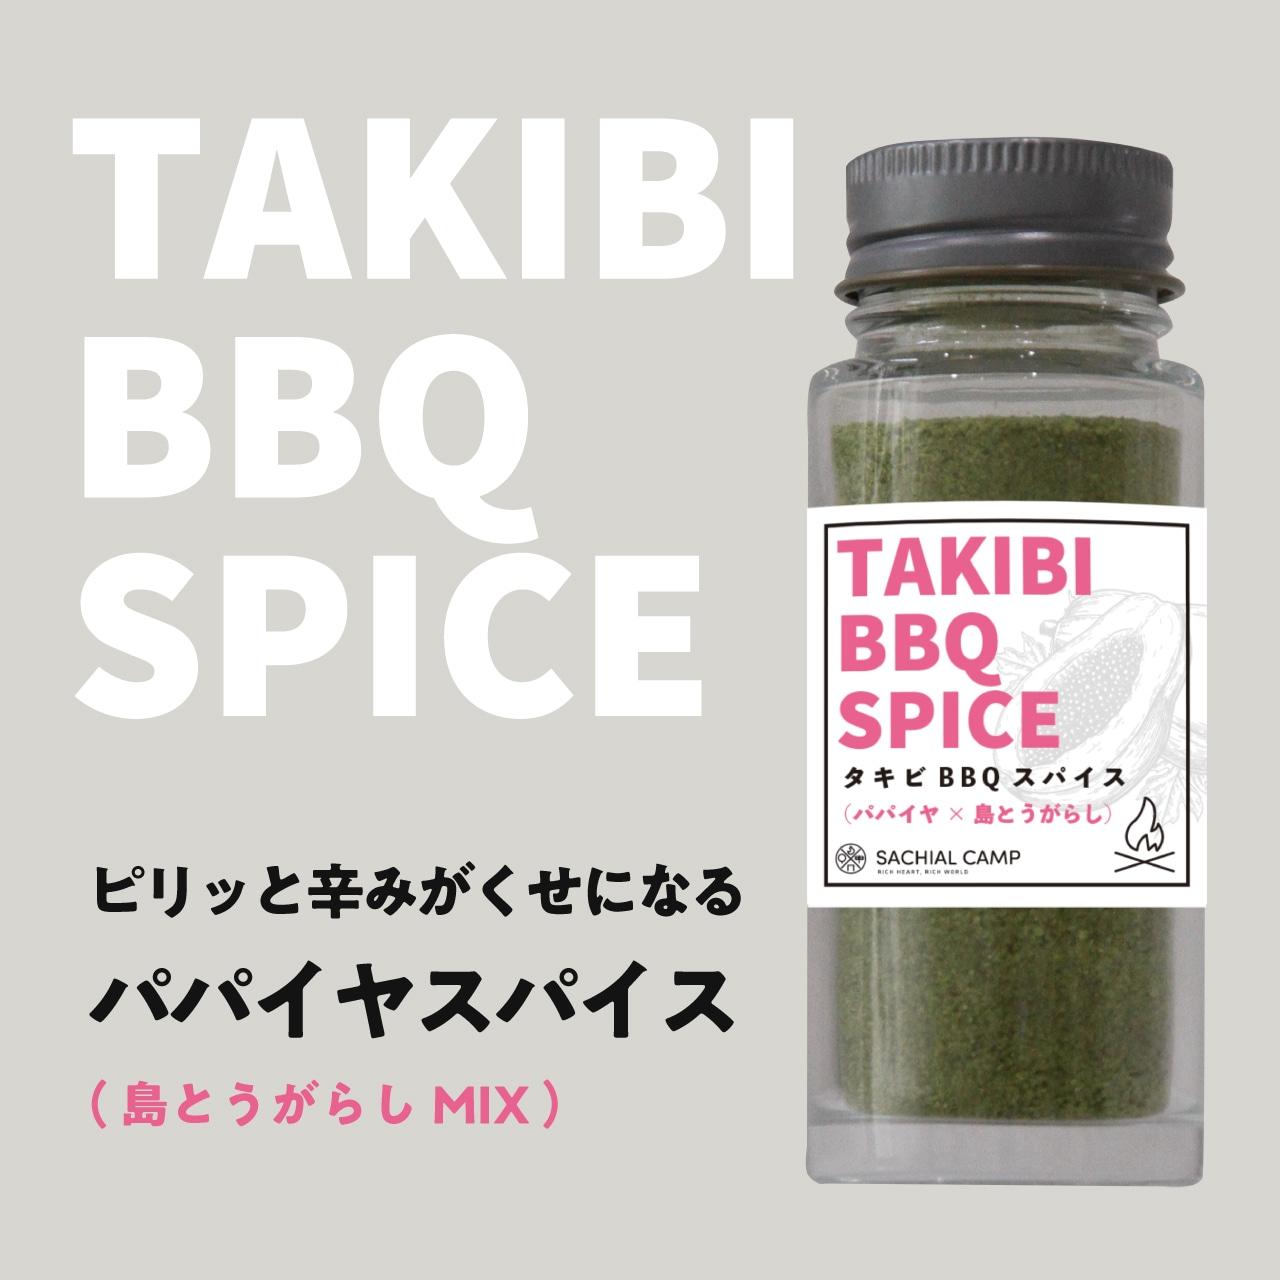 【純けいにベストマッチ】TAKIBI パパイヤスパイス(島とうがらしMIX)